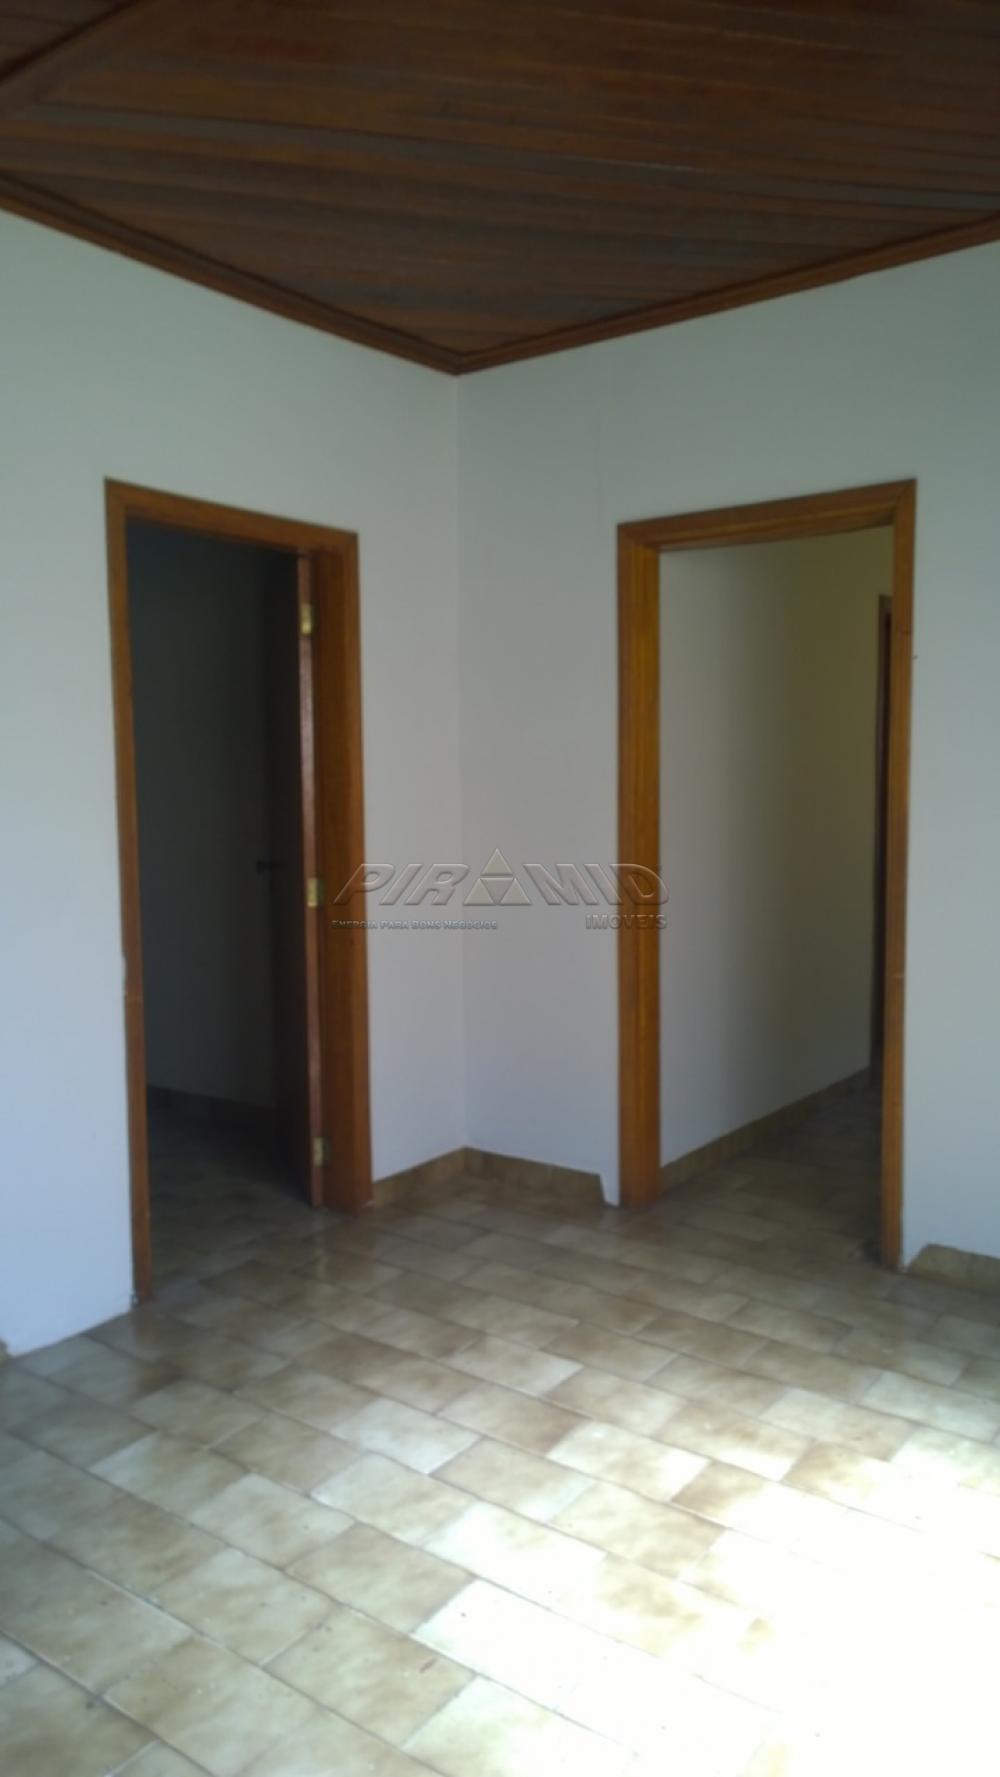 Comprar Casa / Padrão em Ribeirão Preto apenas R$ 190.000,00 - Foto 3